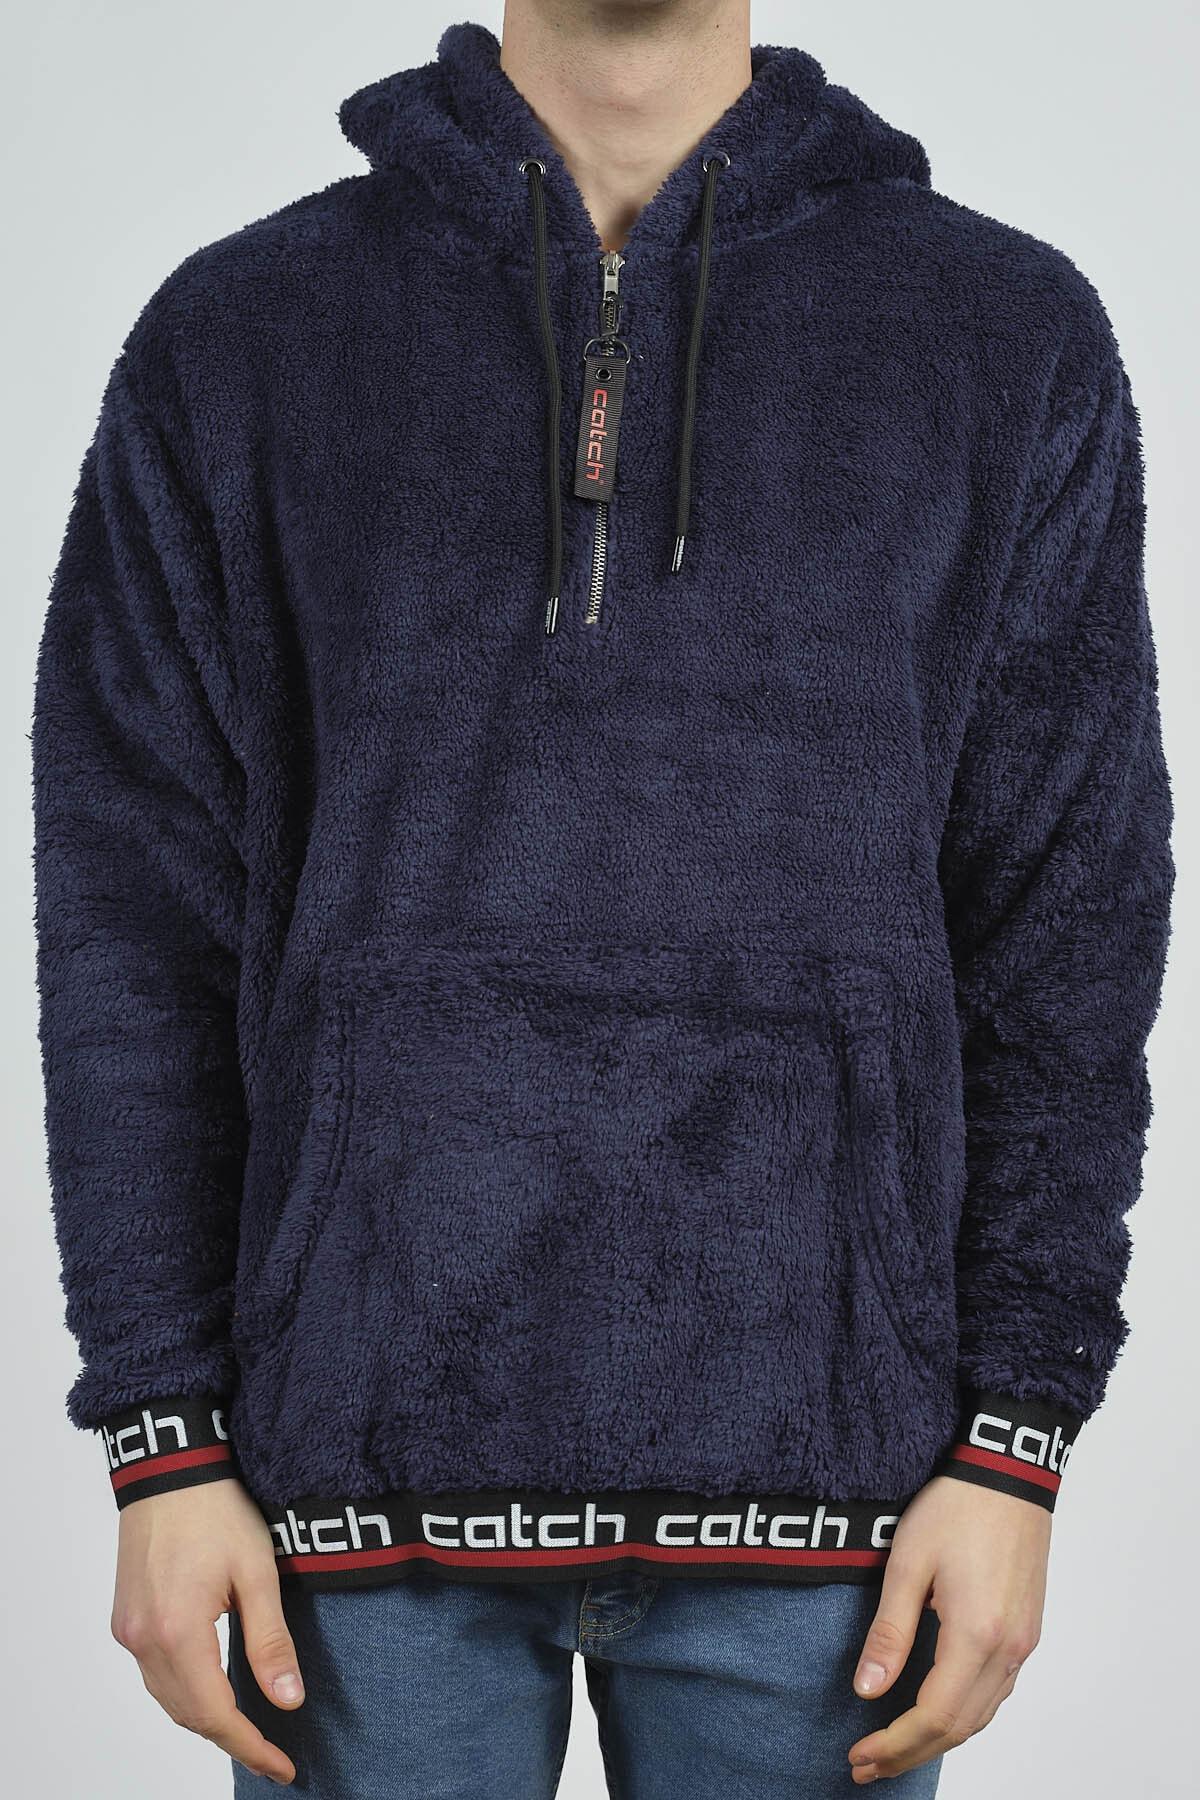 XHAN Lacivert Kanguru Cepli Peluş Sweatshirt 1KXE8-44270-14 3